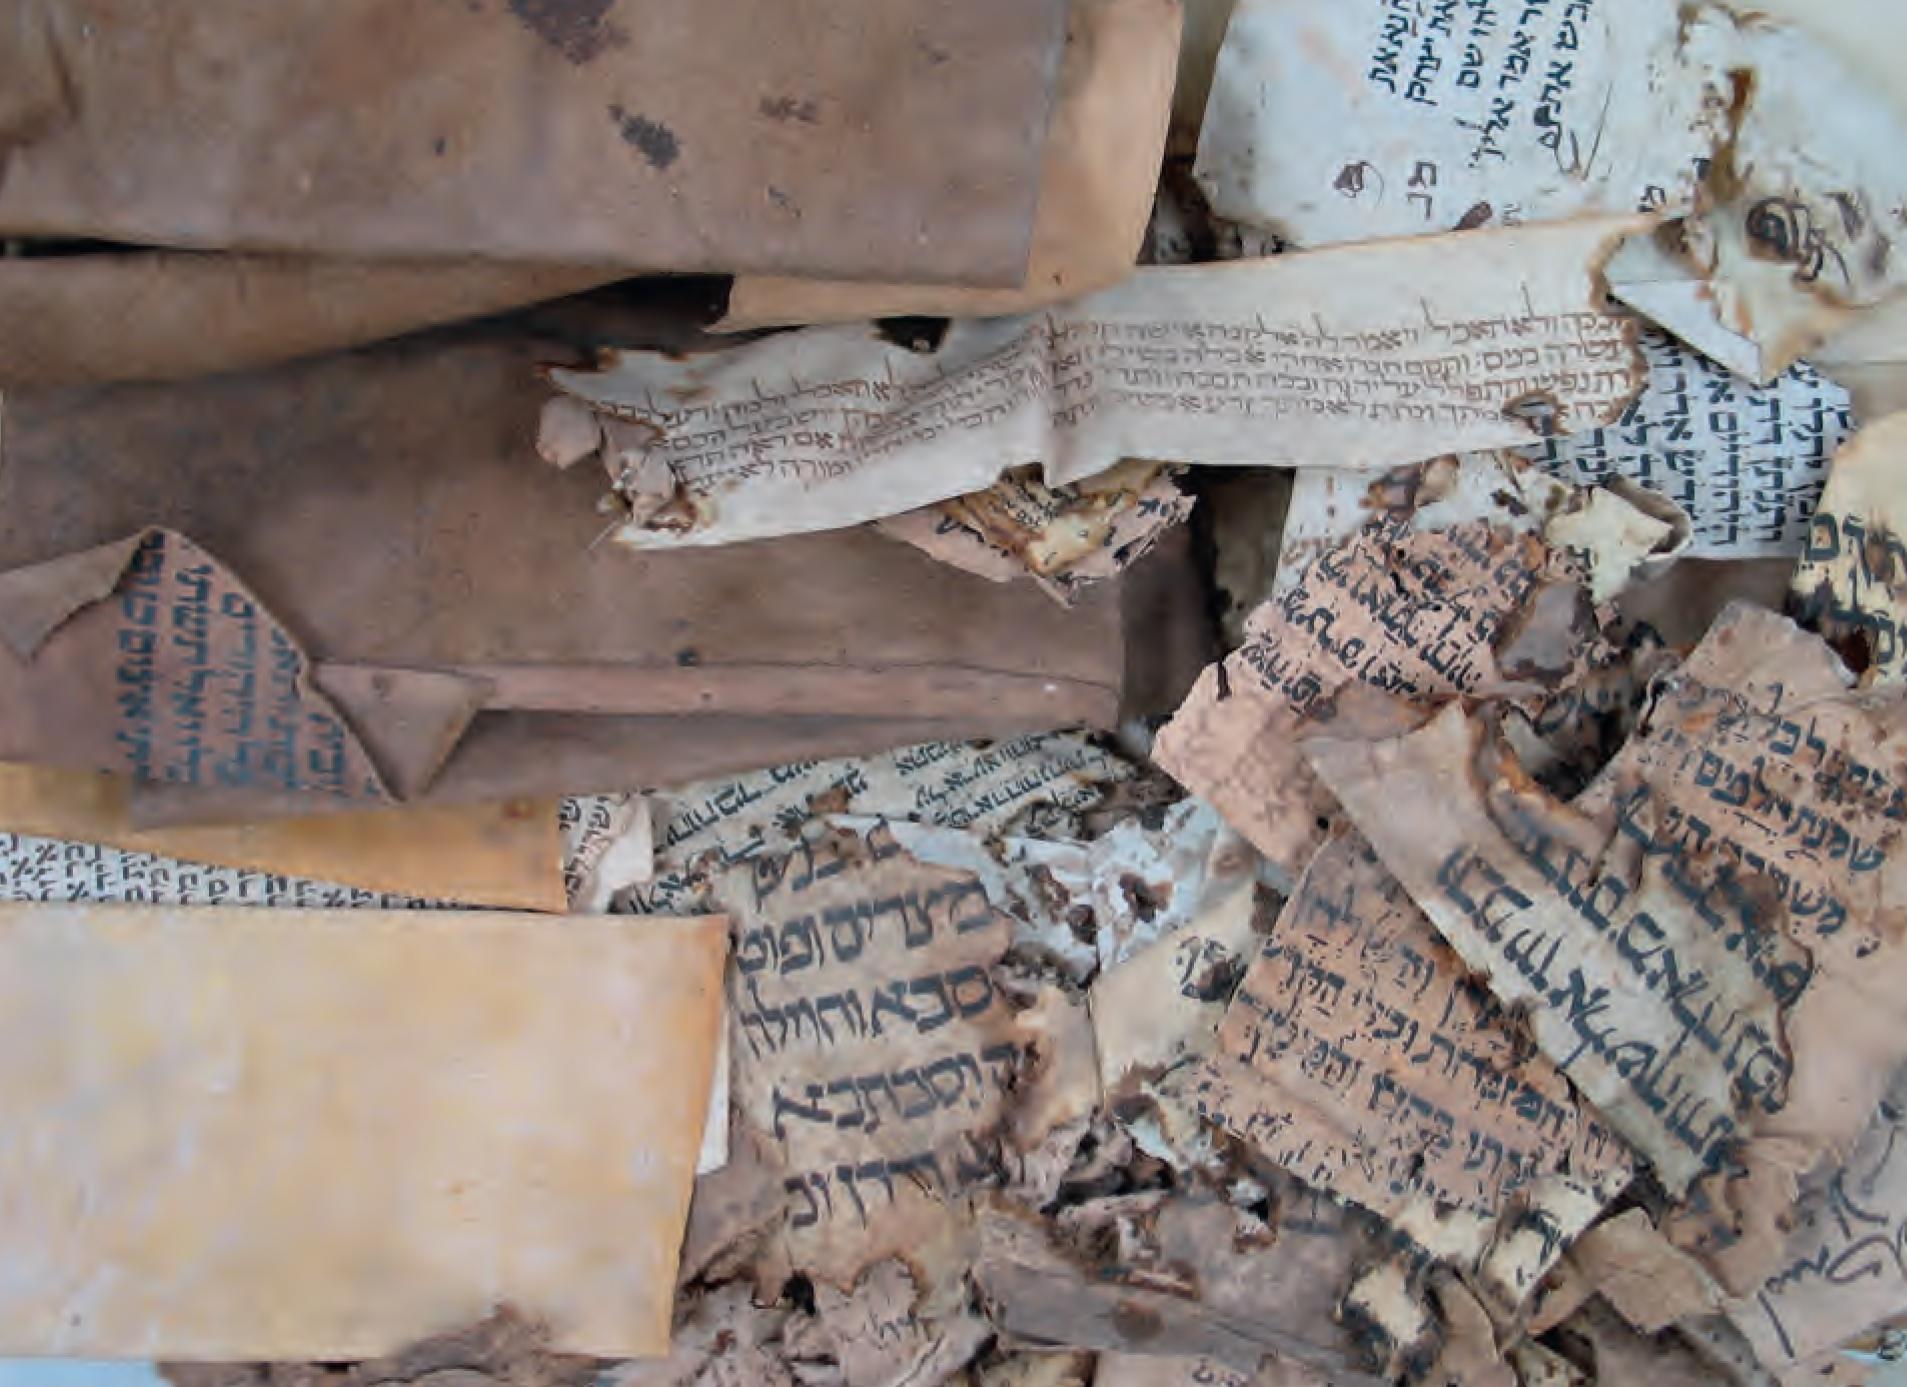 Tussen de ienduizenden handschriften die in 1896 opdoken in de Geniza van een synagoge in Caïro werden ook fragmenten gevonden van de 10e-eeuwse rabbijn Sa'adja Ga'on.